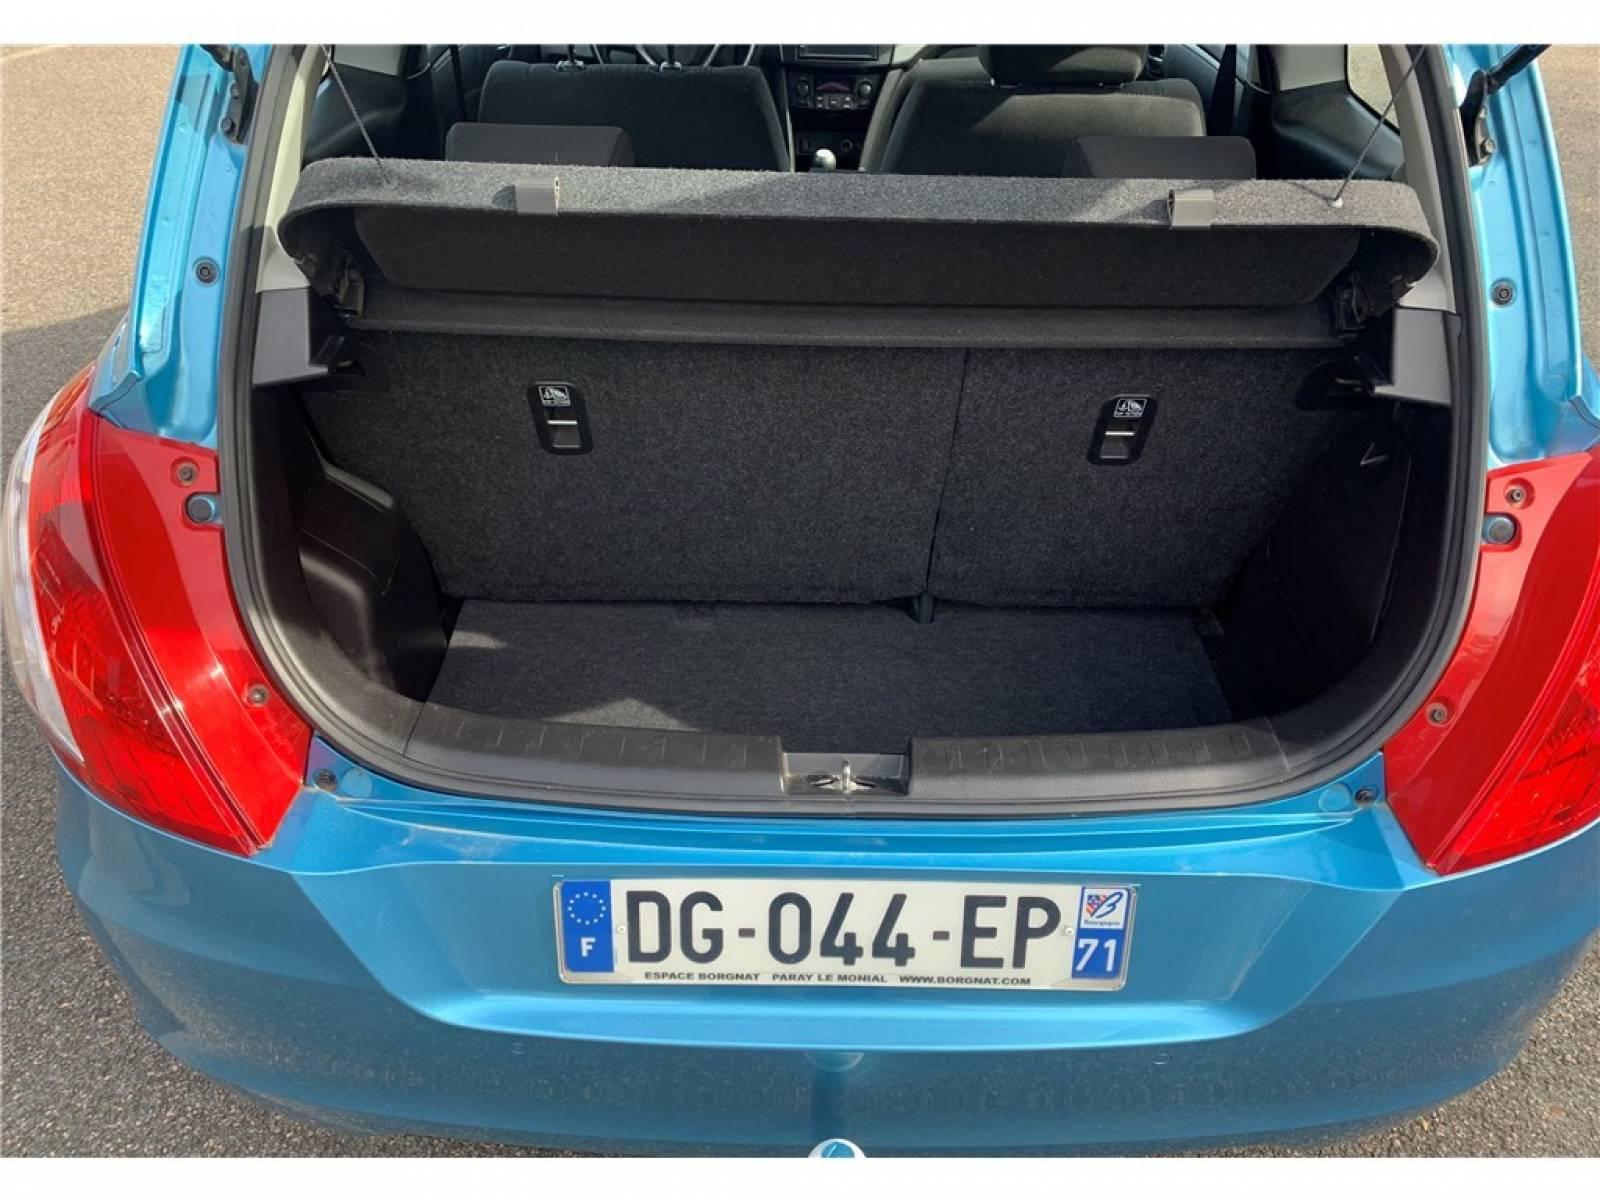 SUZUKI SWIFT 1.2 VVT - véhicule d'occasion - Groupe Guillet - Hall de l'automobile - Chalon sur Saône - 71380 - Saint-Marcel - 9